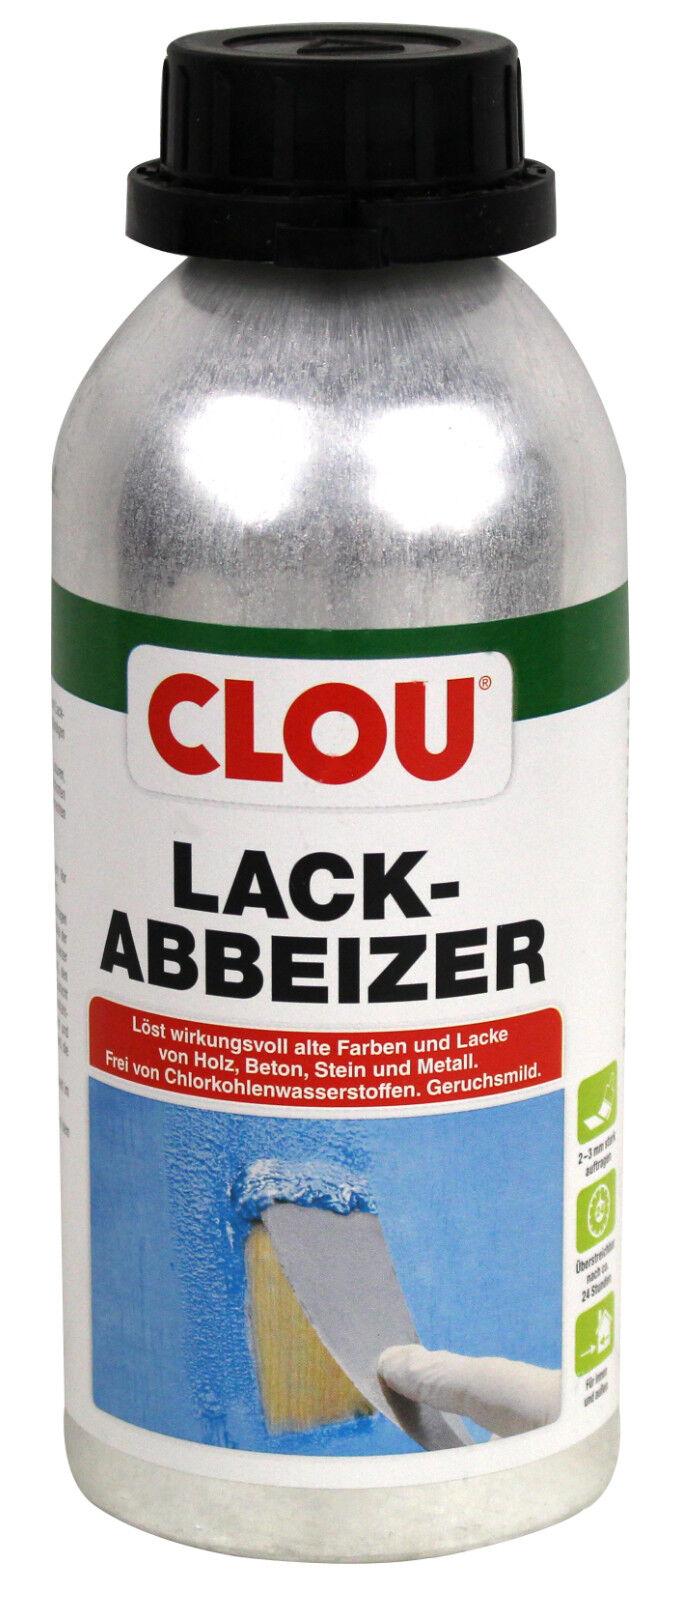 aktion 500ml clou lack abbeizer universal | ebay